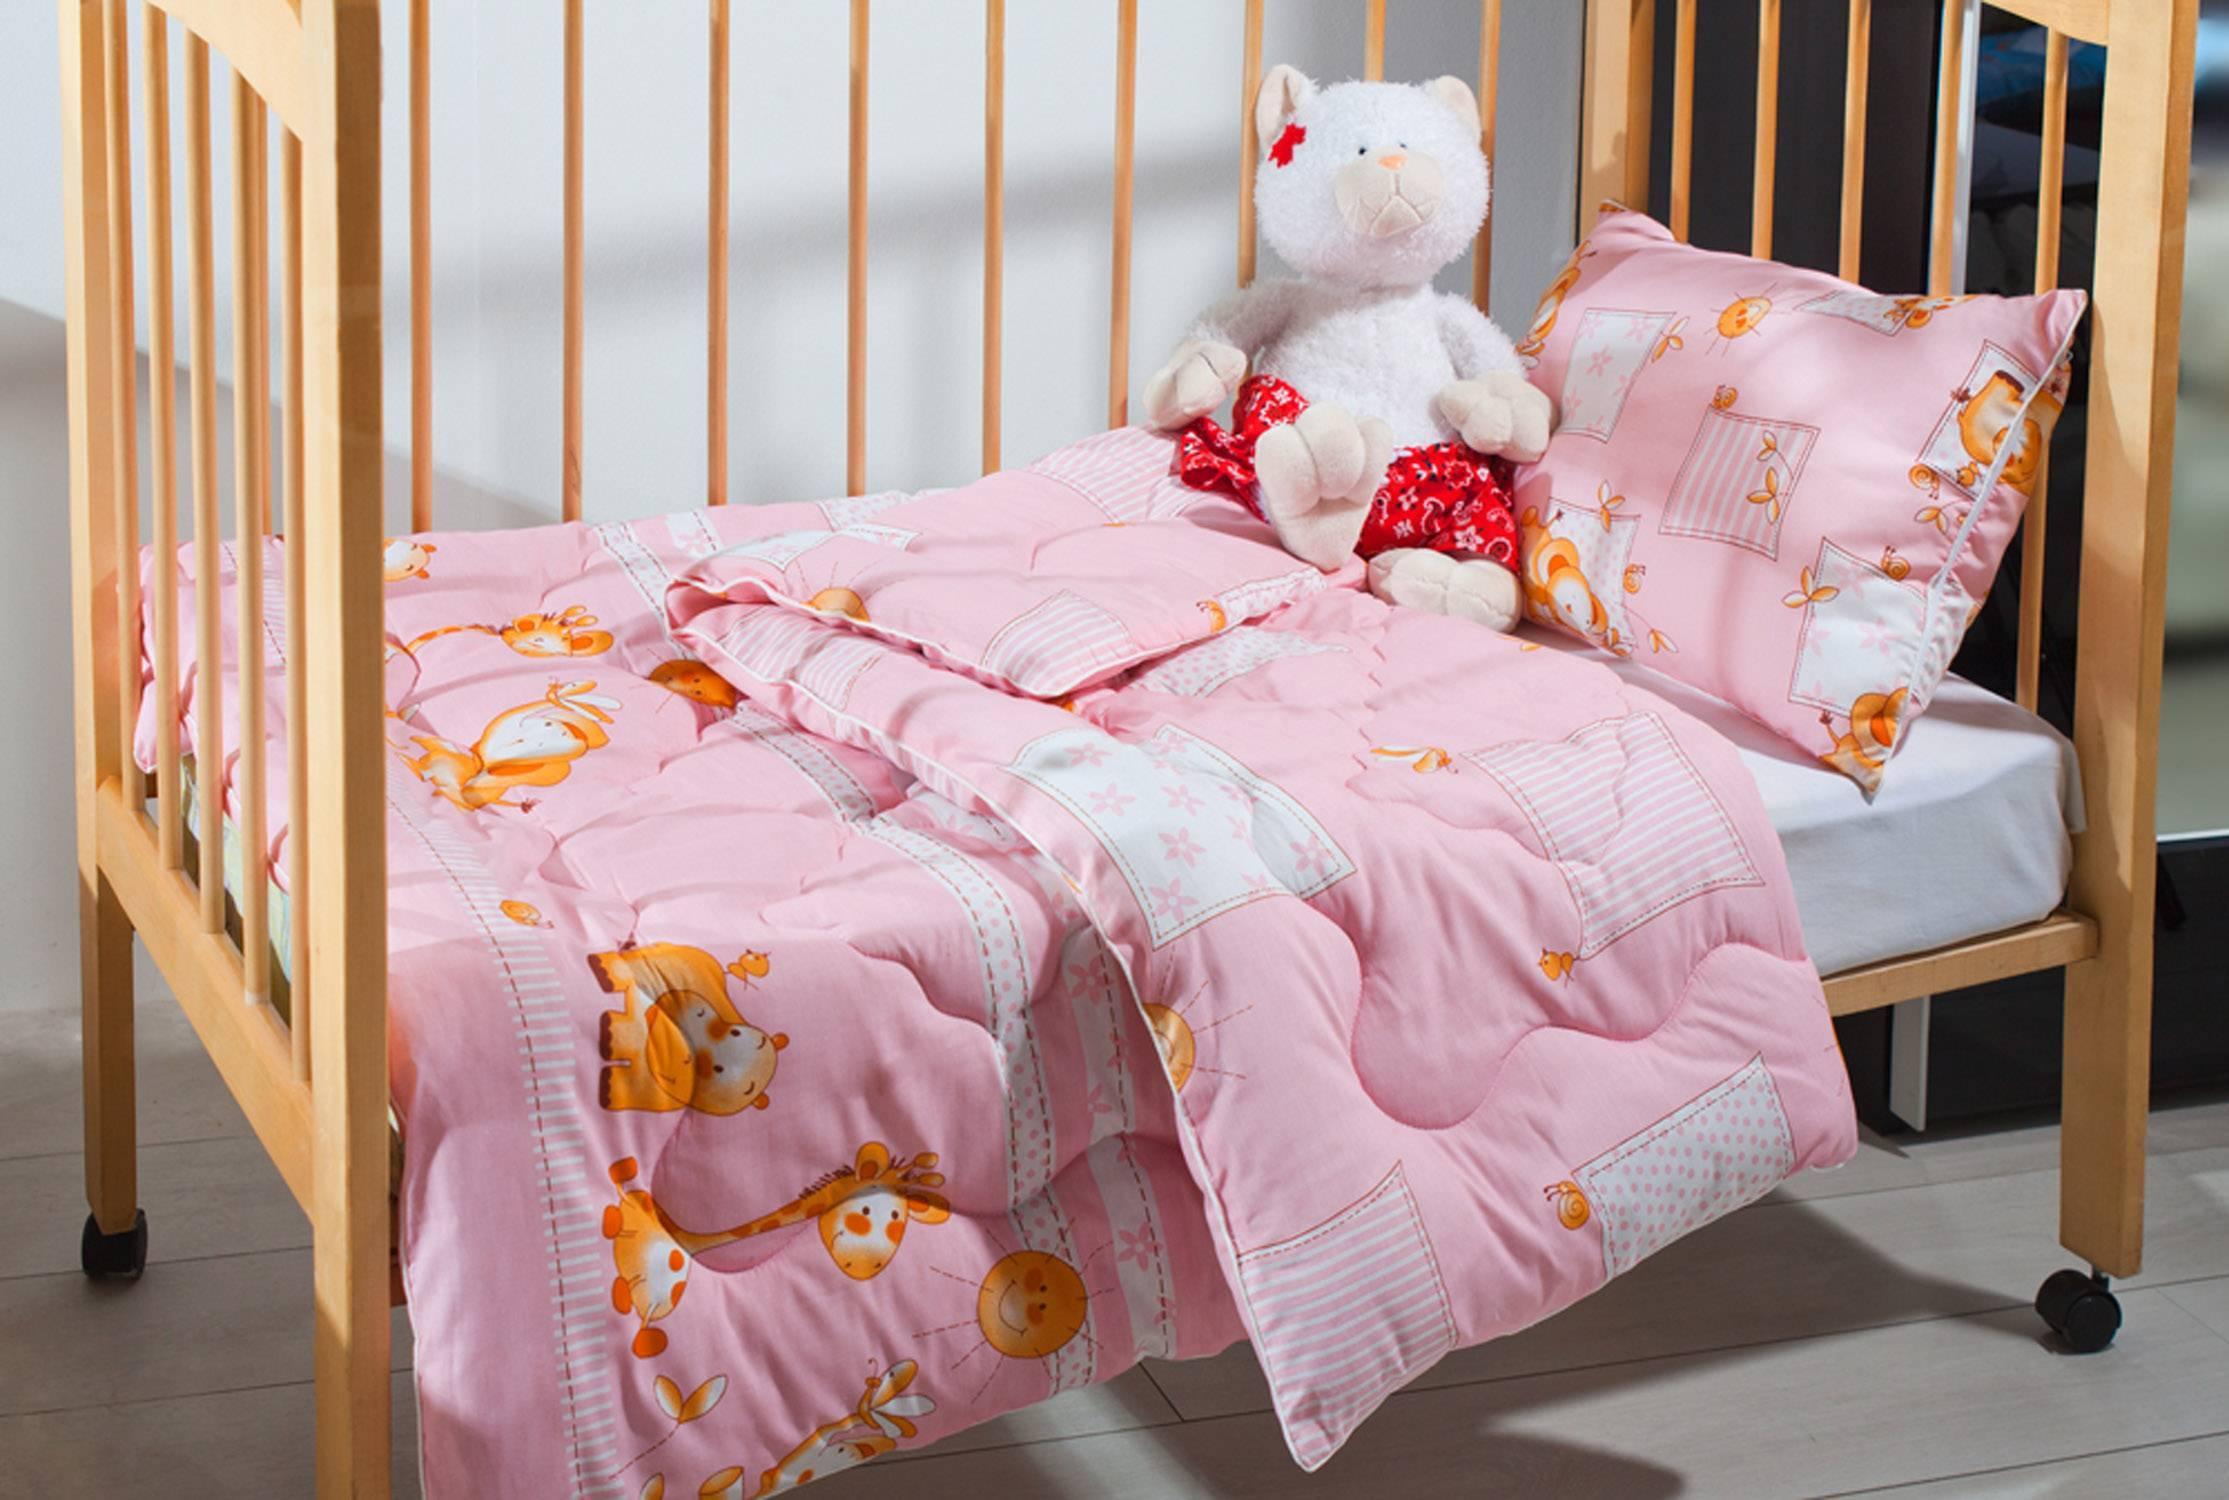 Как выбирать постельное белье для детей